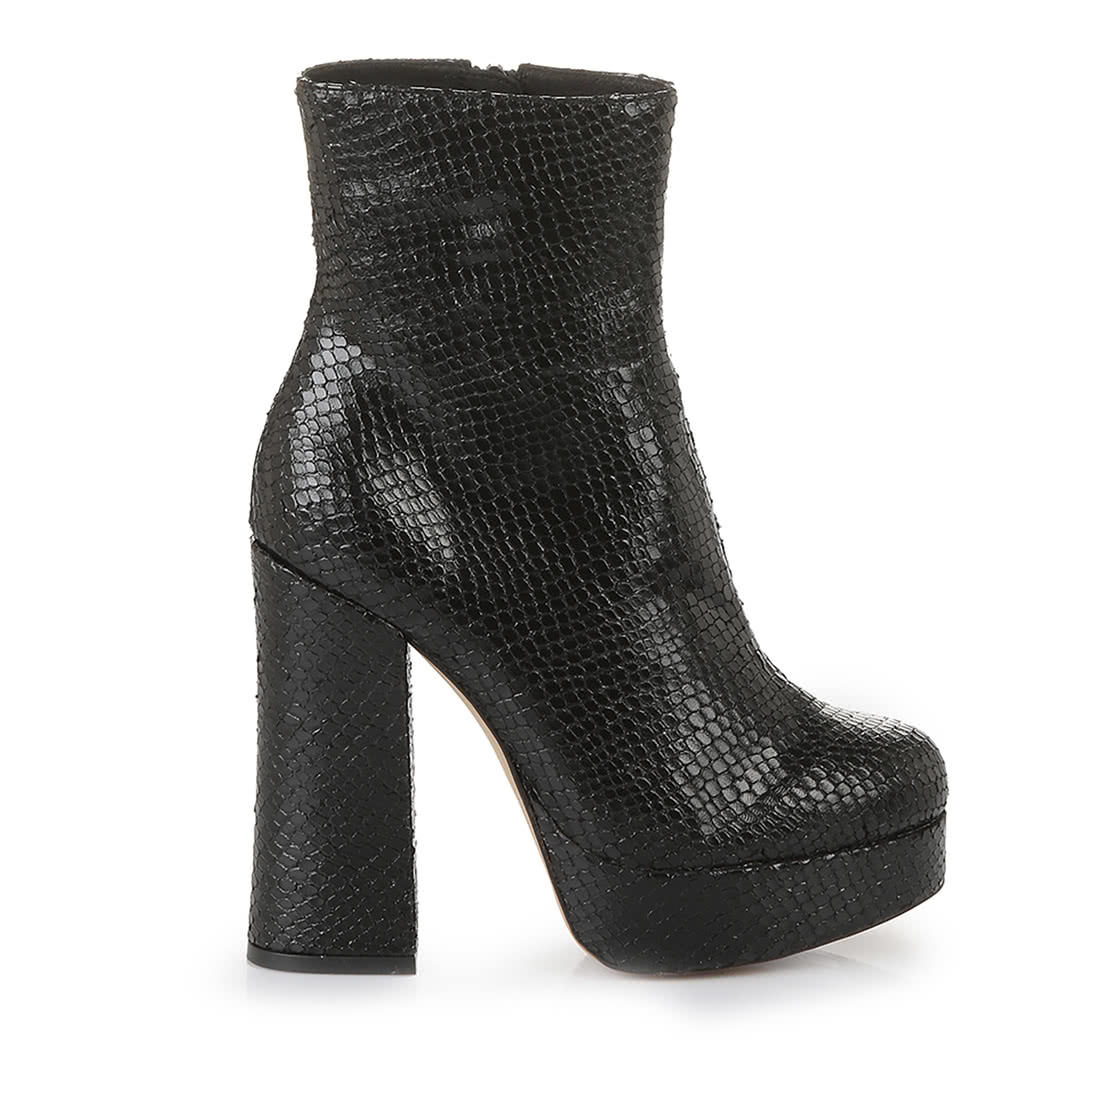 bc948bbf5350ab Tosio Ankle Boot aus Leder schwarz online kaufen